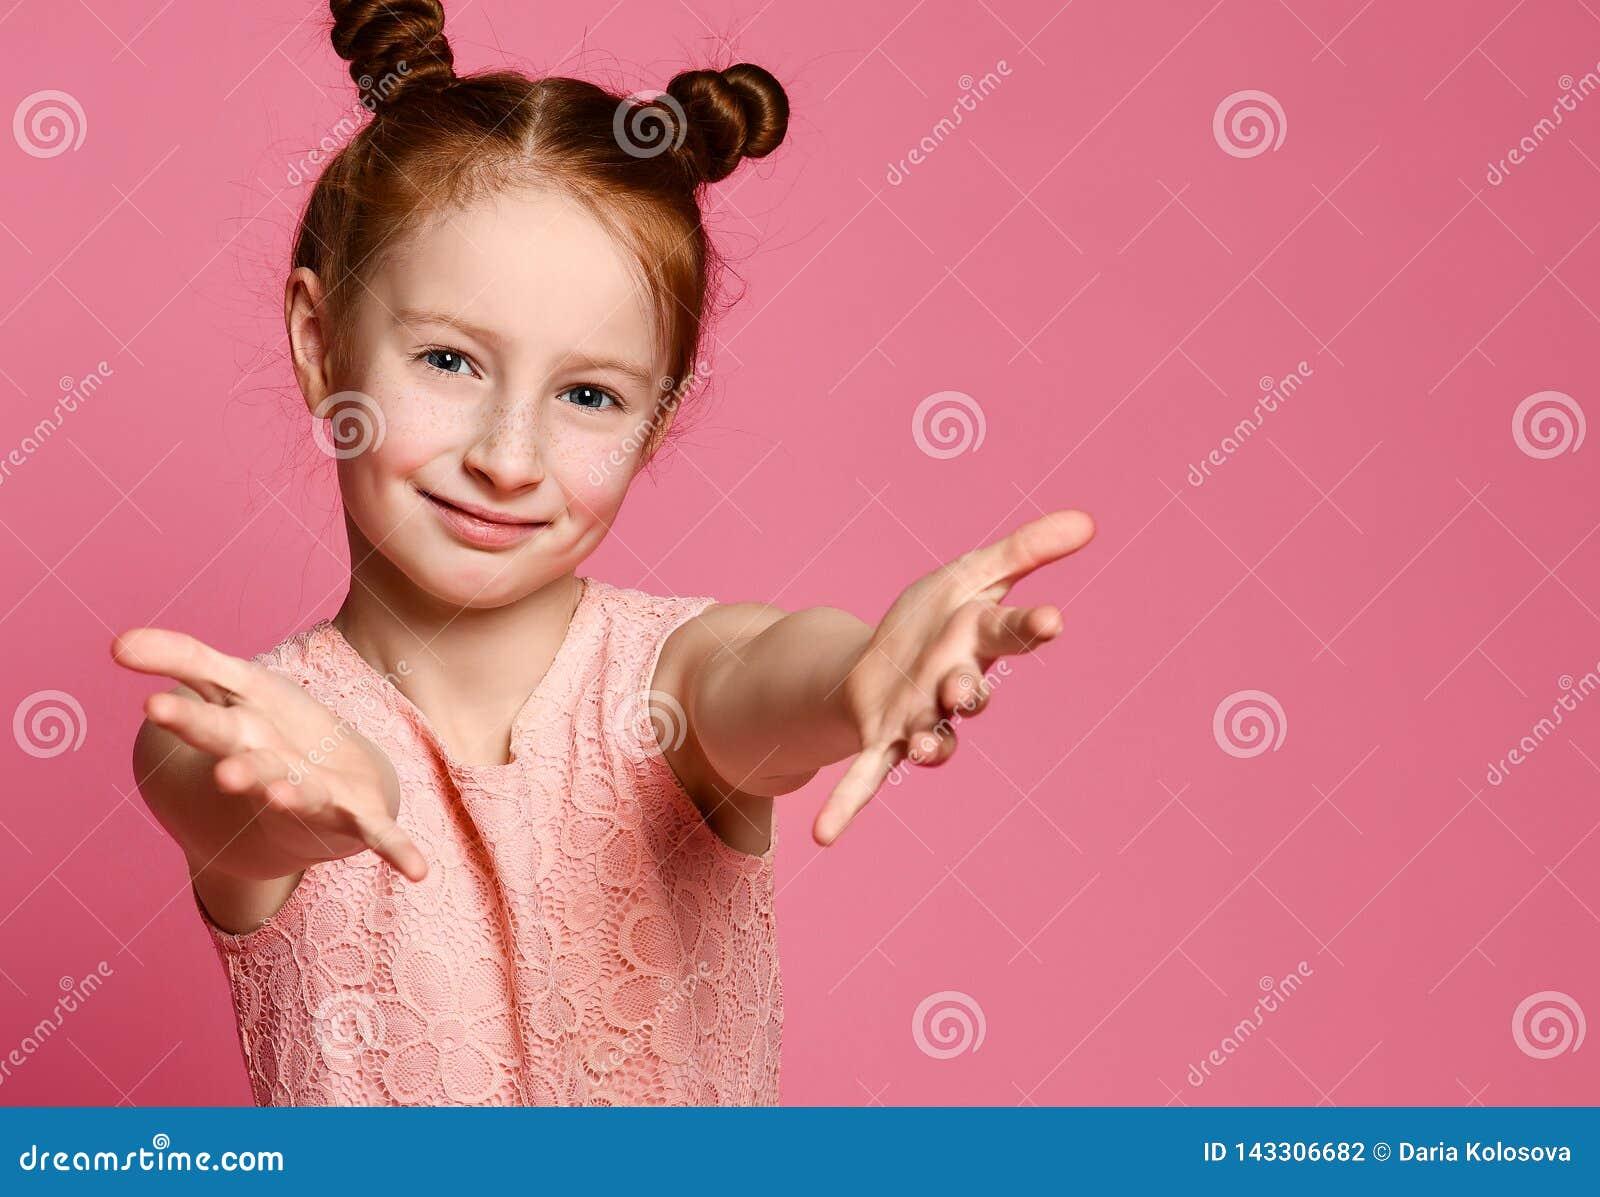 Estúdio disparado de uma menina bonito amigável do ruivo que puxa as mãos para